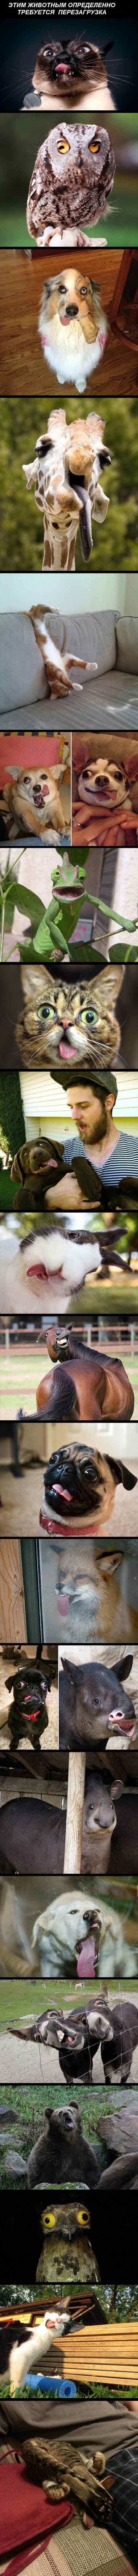 смешные странные животные фото